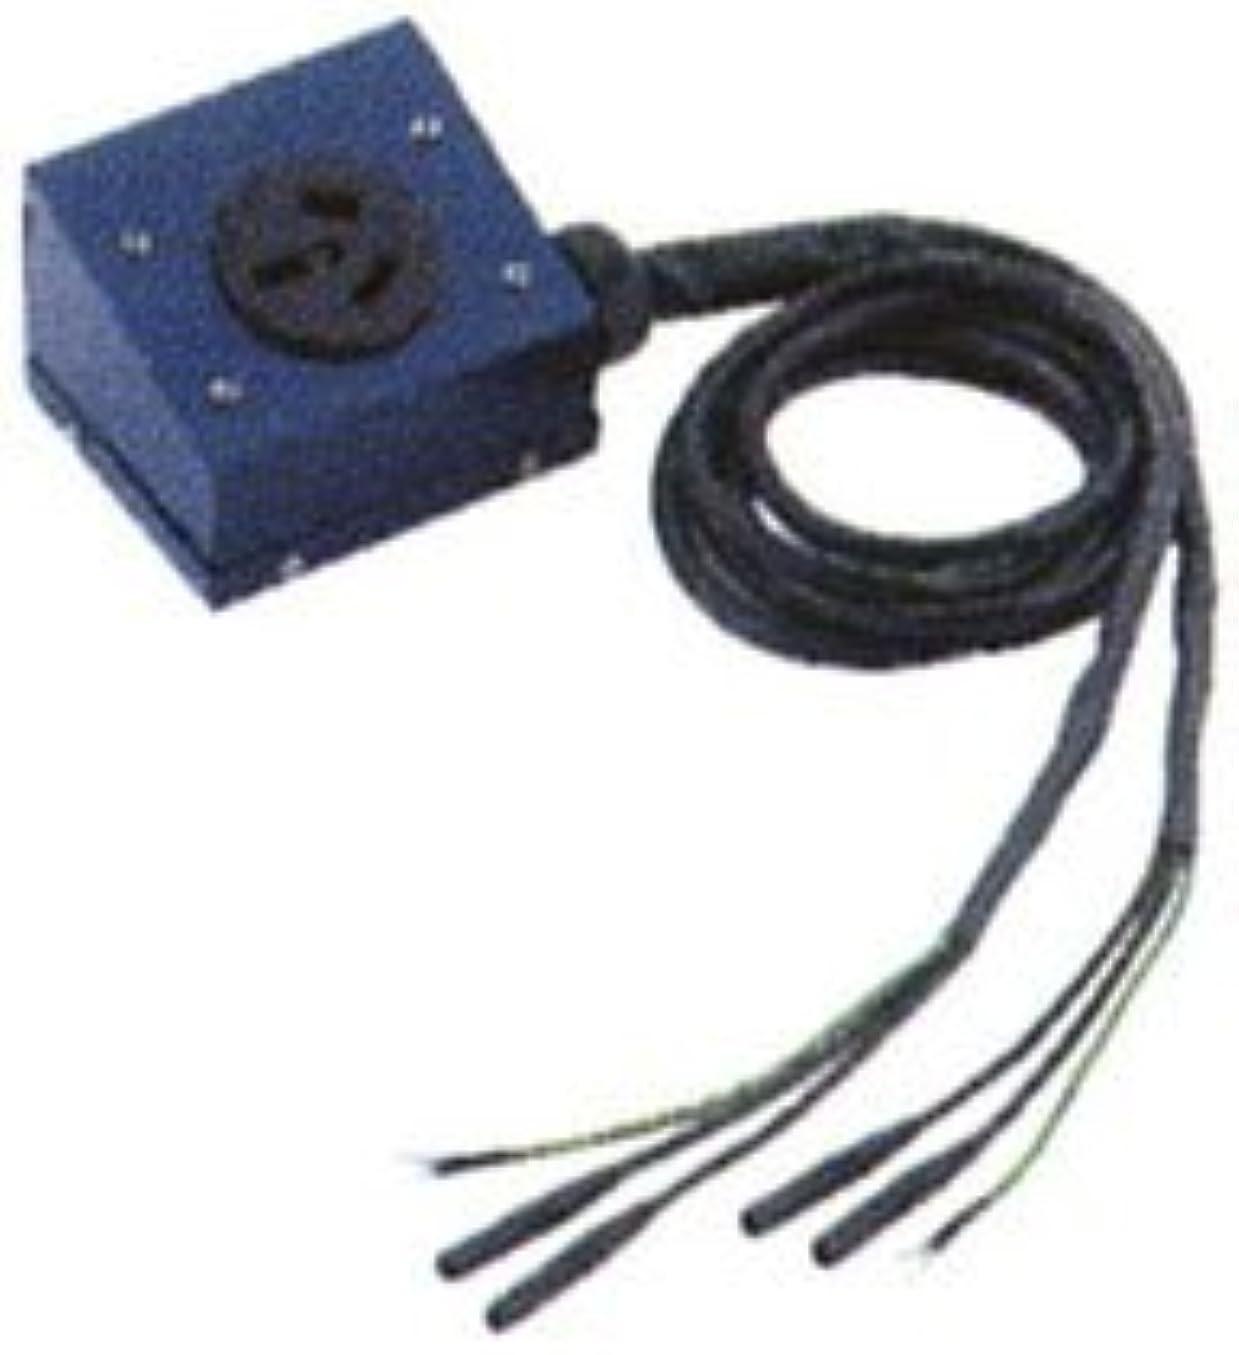 話す主配列ヤマハ発電機 並列コード 差込みプラグ付 (EF1600iS?EF16HiS?EF2000iS用)